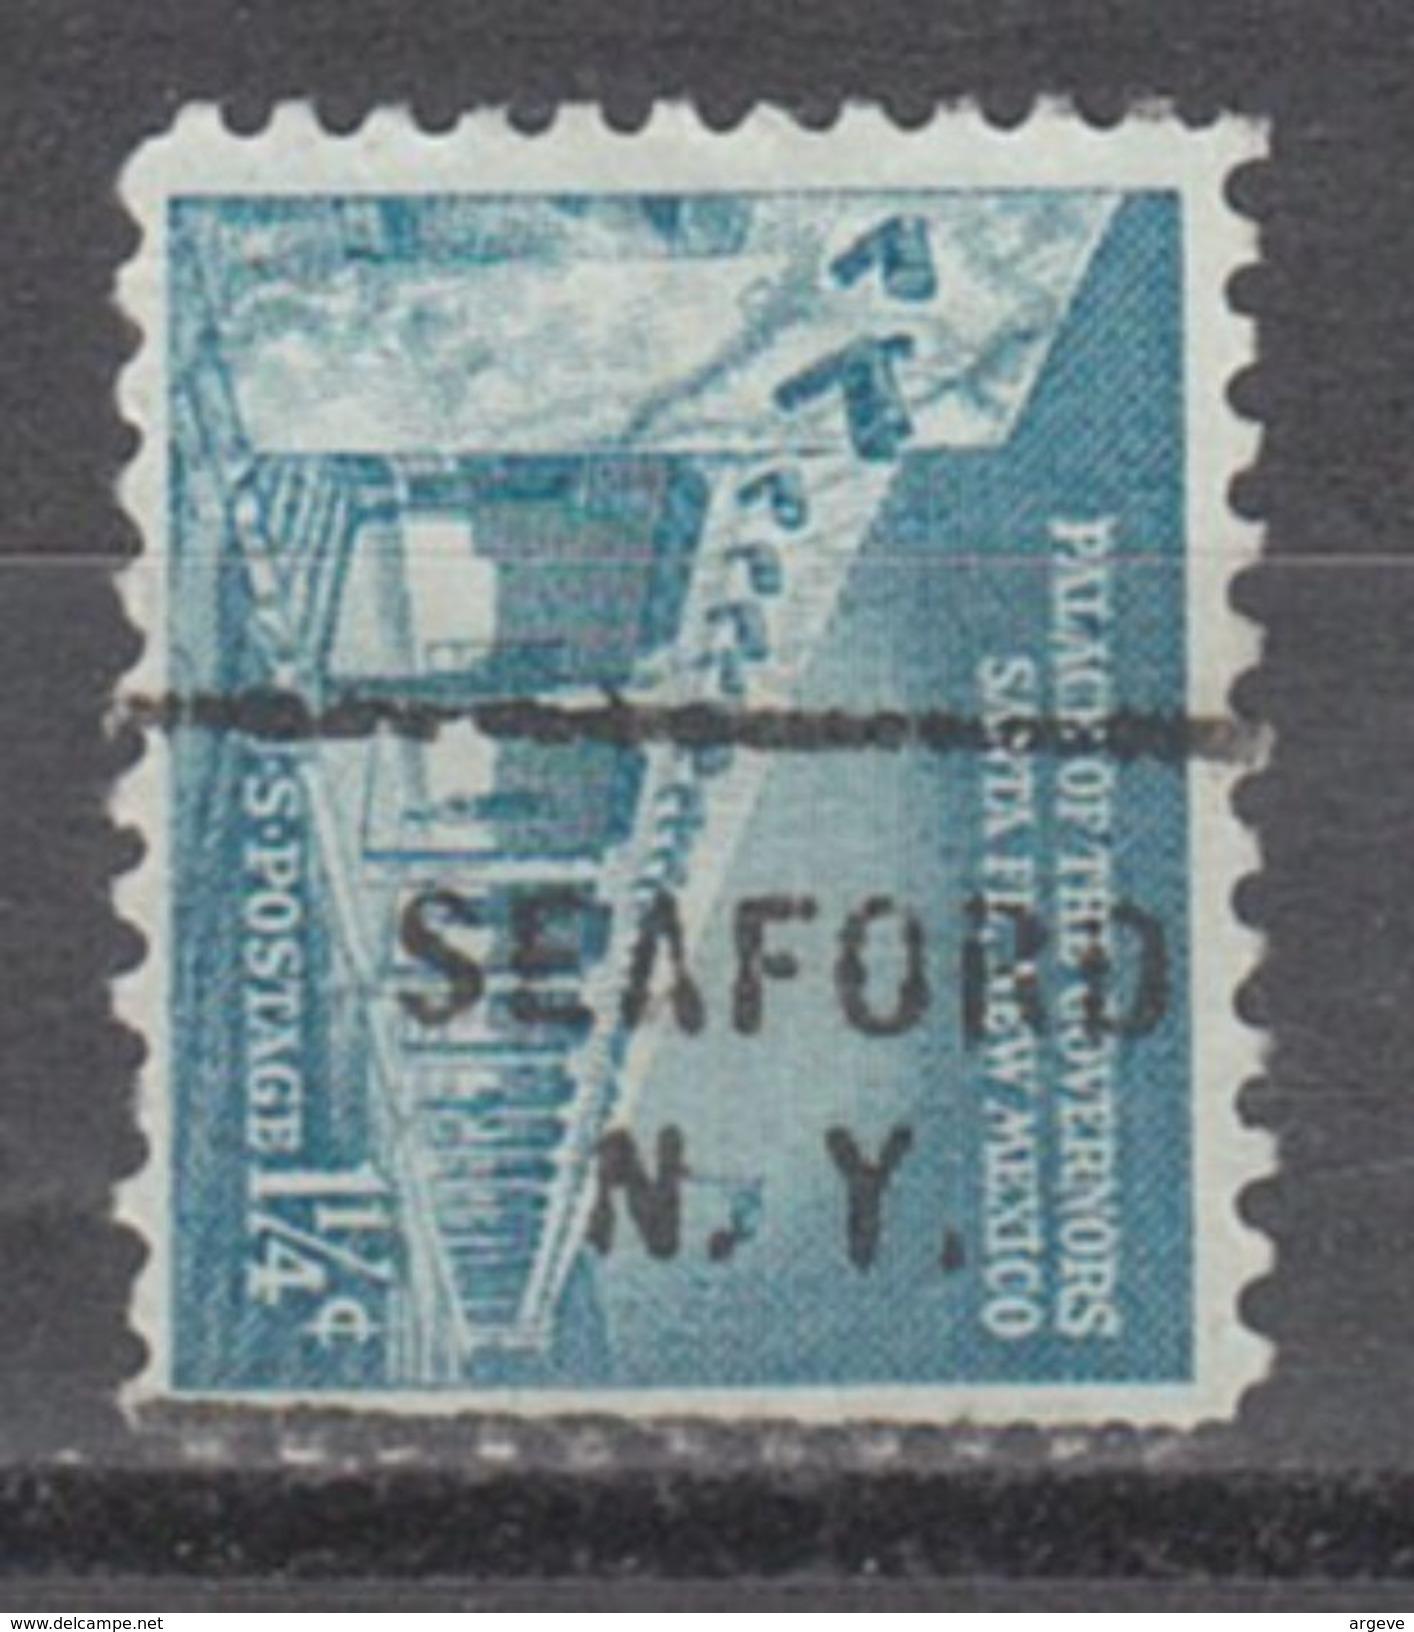 USA Precancel Vorausentwertung Preo, Locals New York, Seaford 712 - Vereinigte Staaten